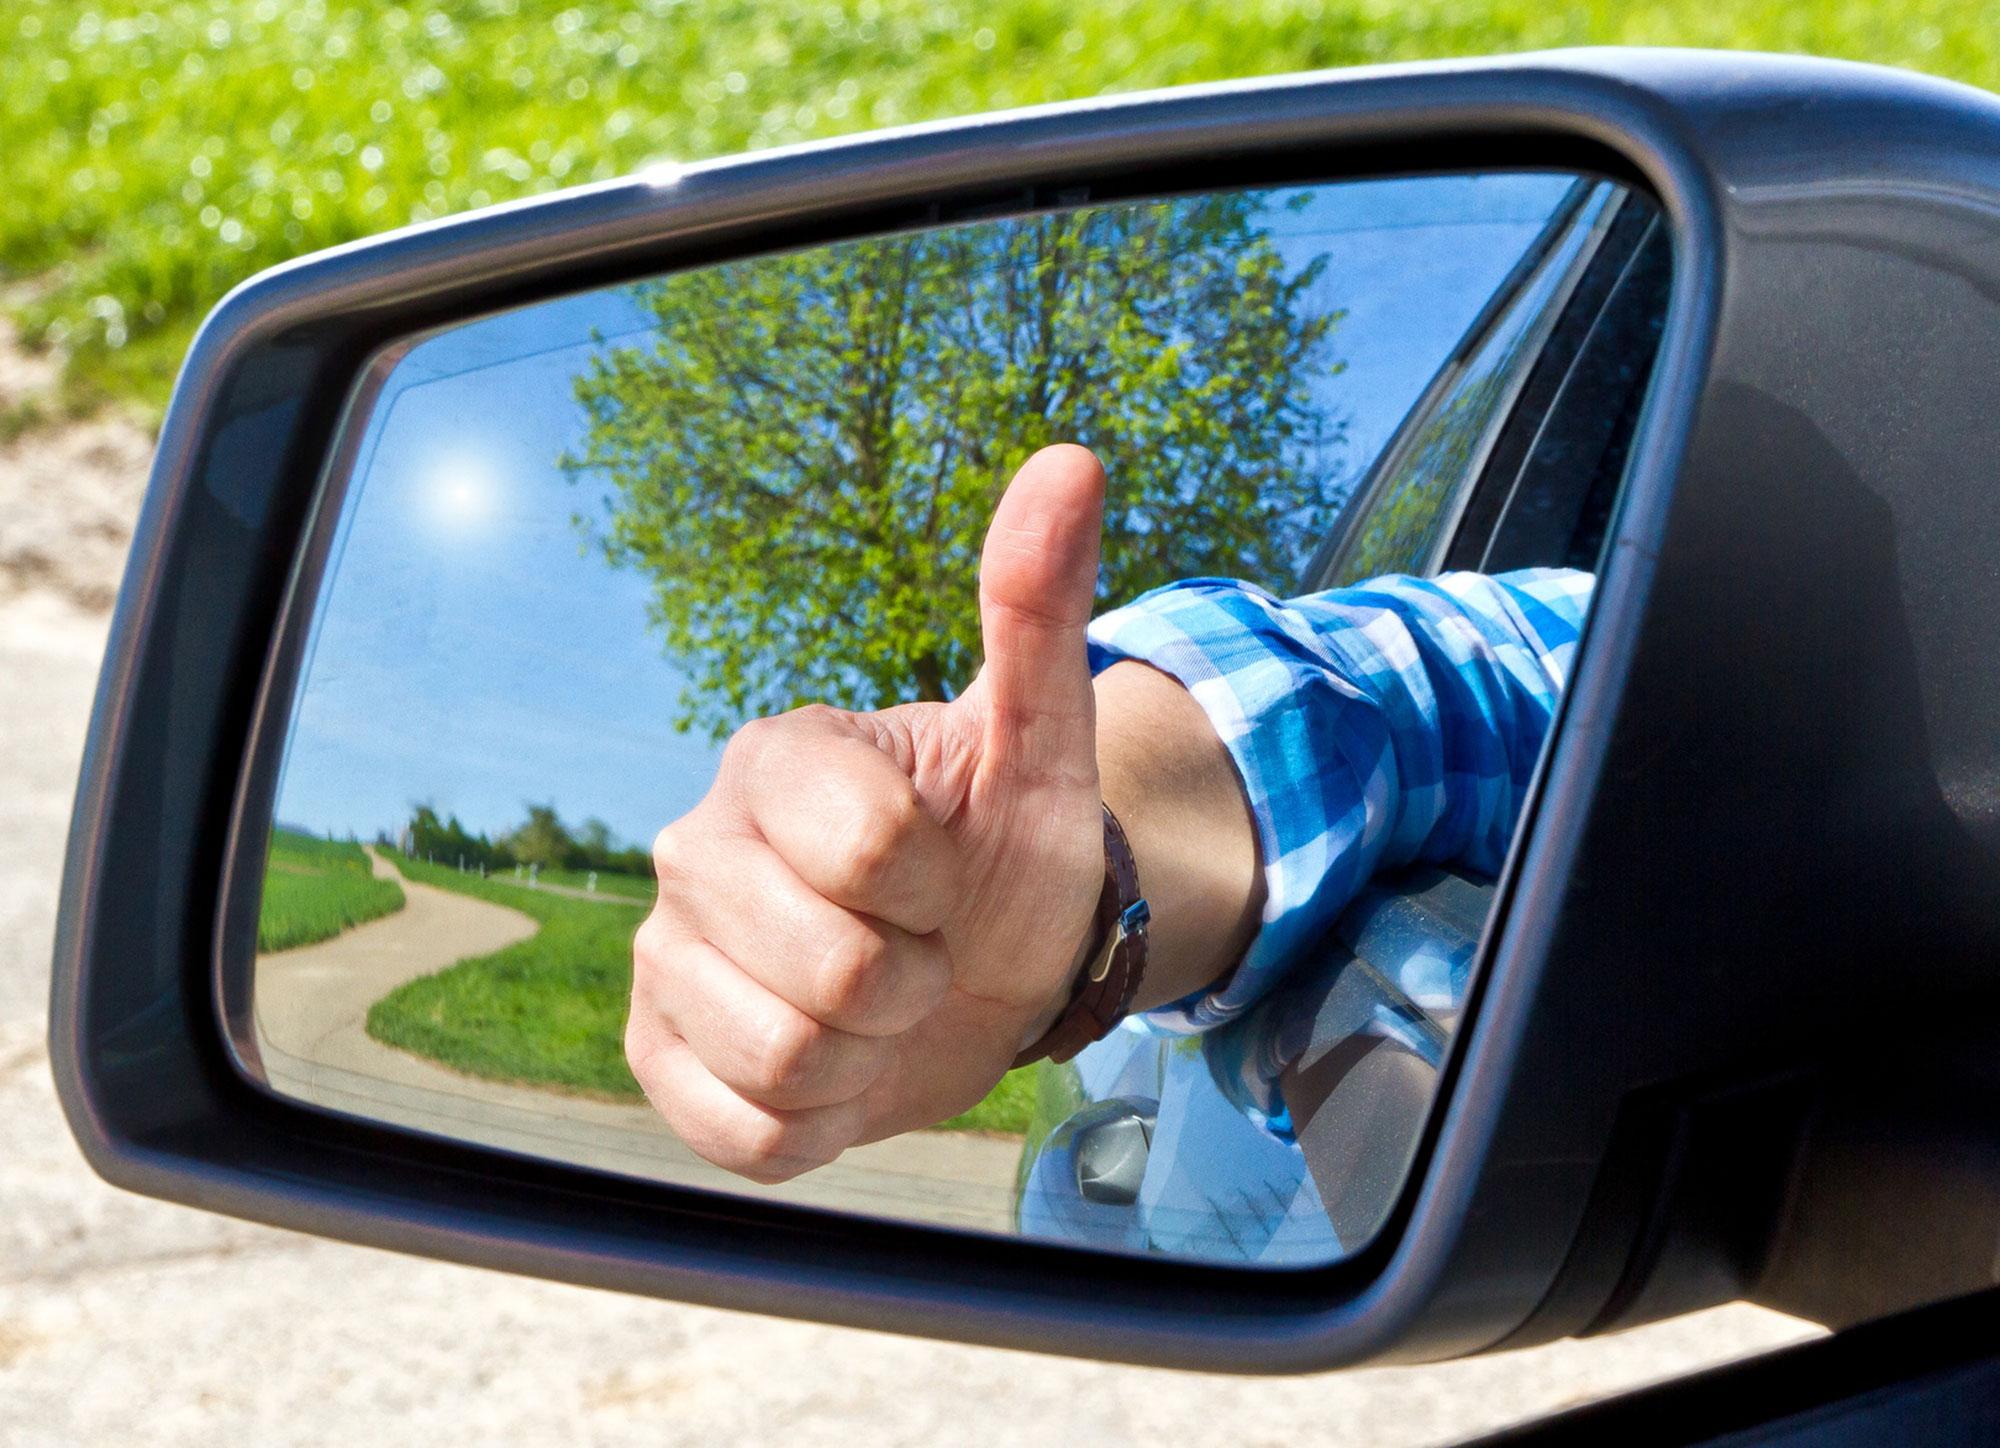 Ислам призывает к вежливости на дороге